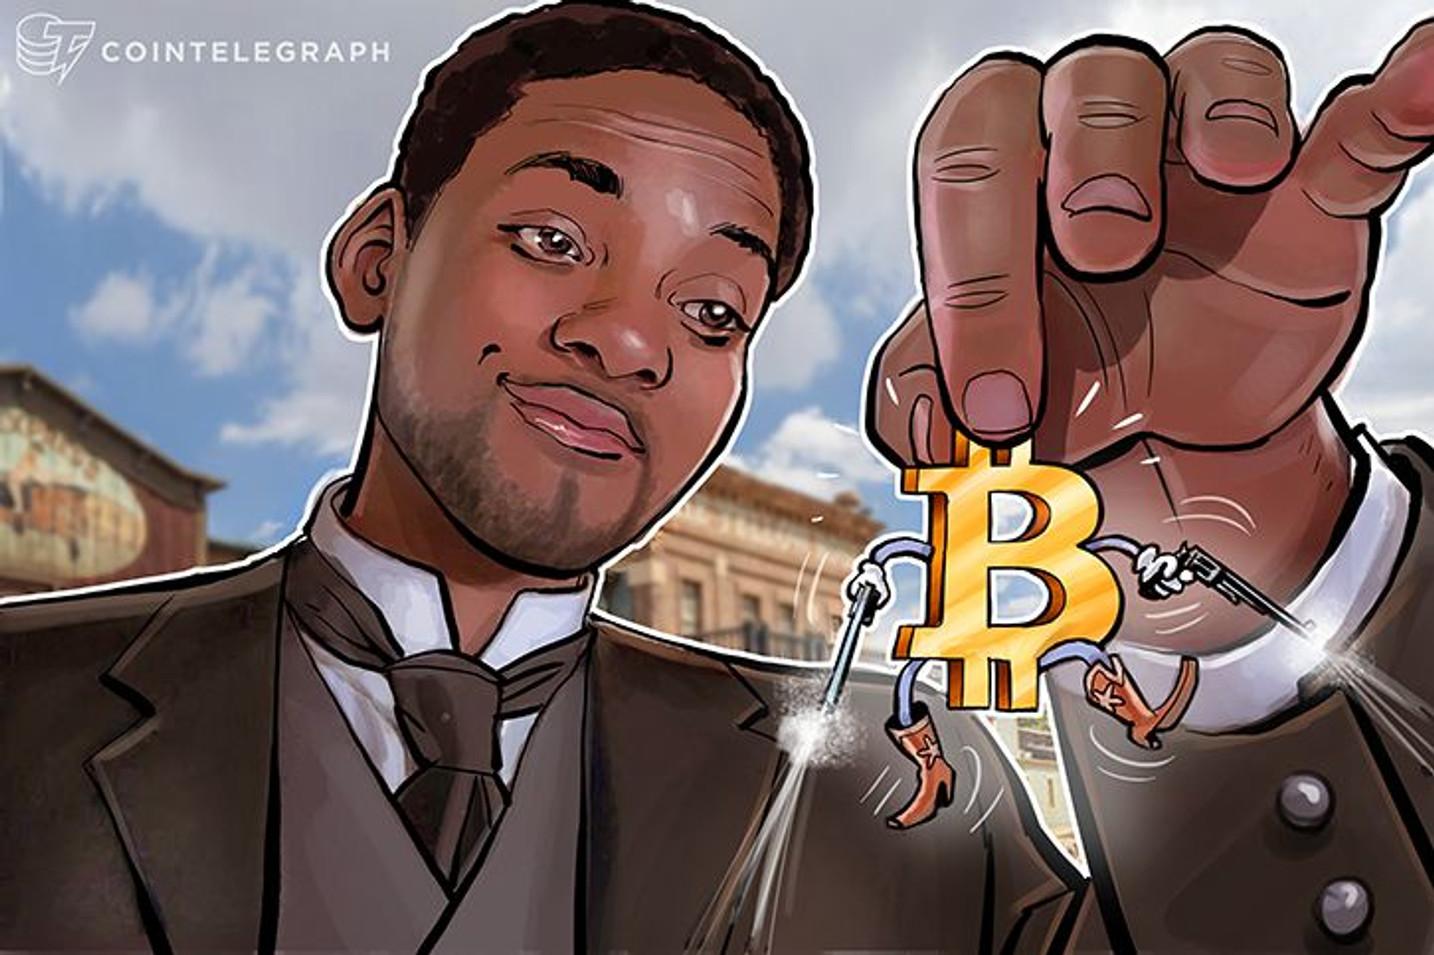 Altkoini: 'Lovci na glave' važan segmet bitkoin sveta